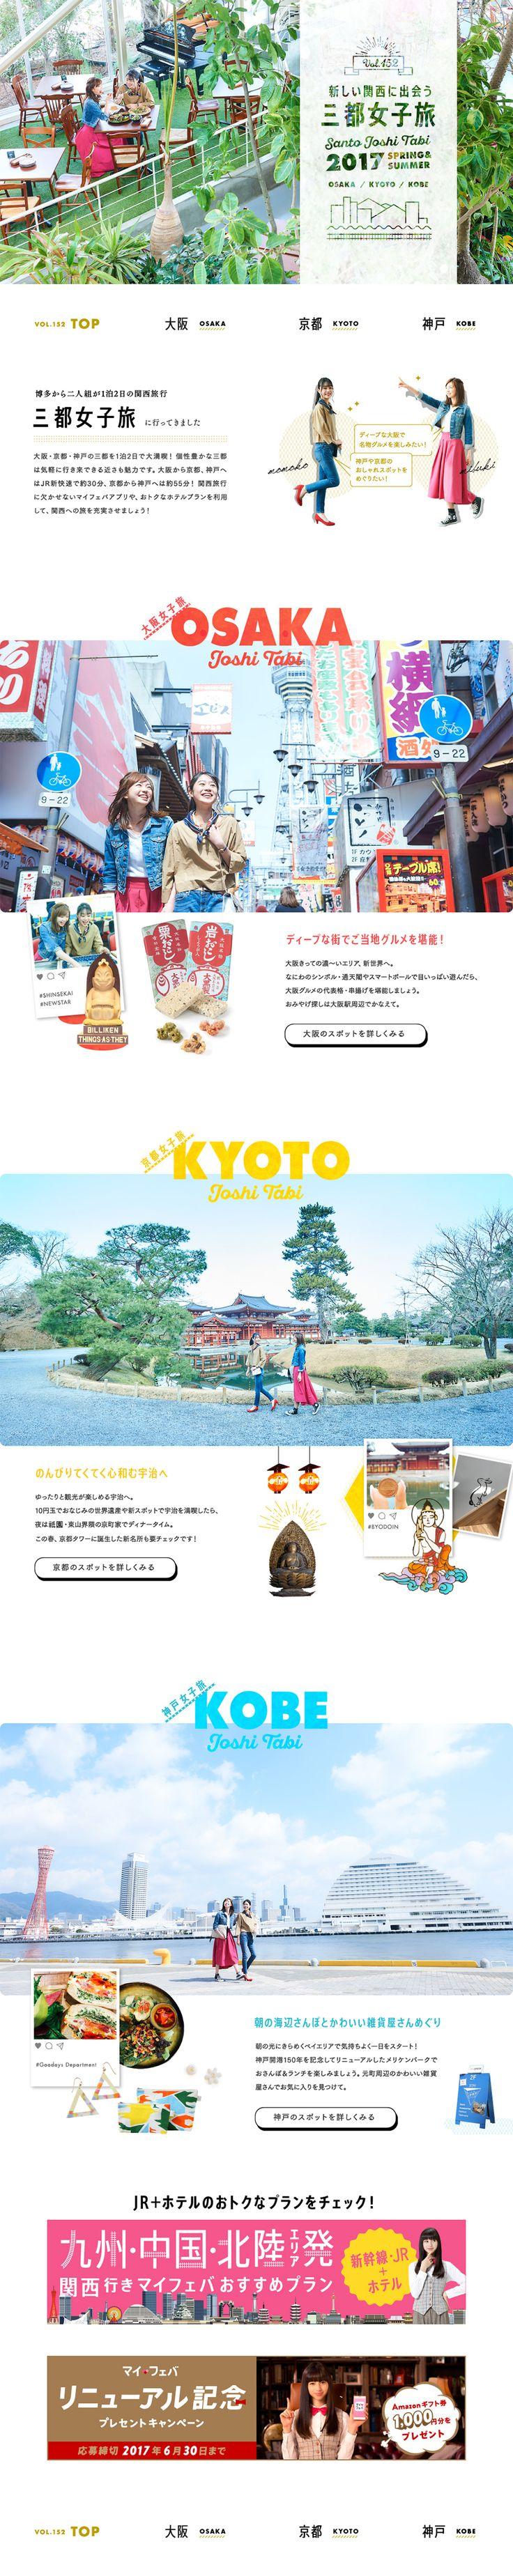 西日本旅客鉄道株式会社求人様の「女子旅」のランディングページ(LP)かわいい系 サービス・保険・金融